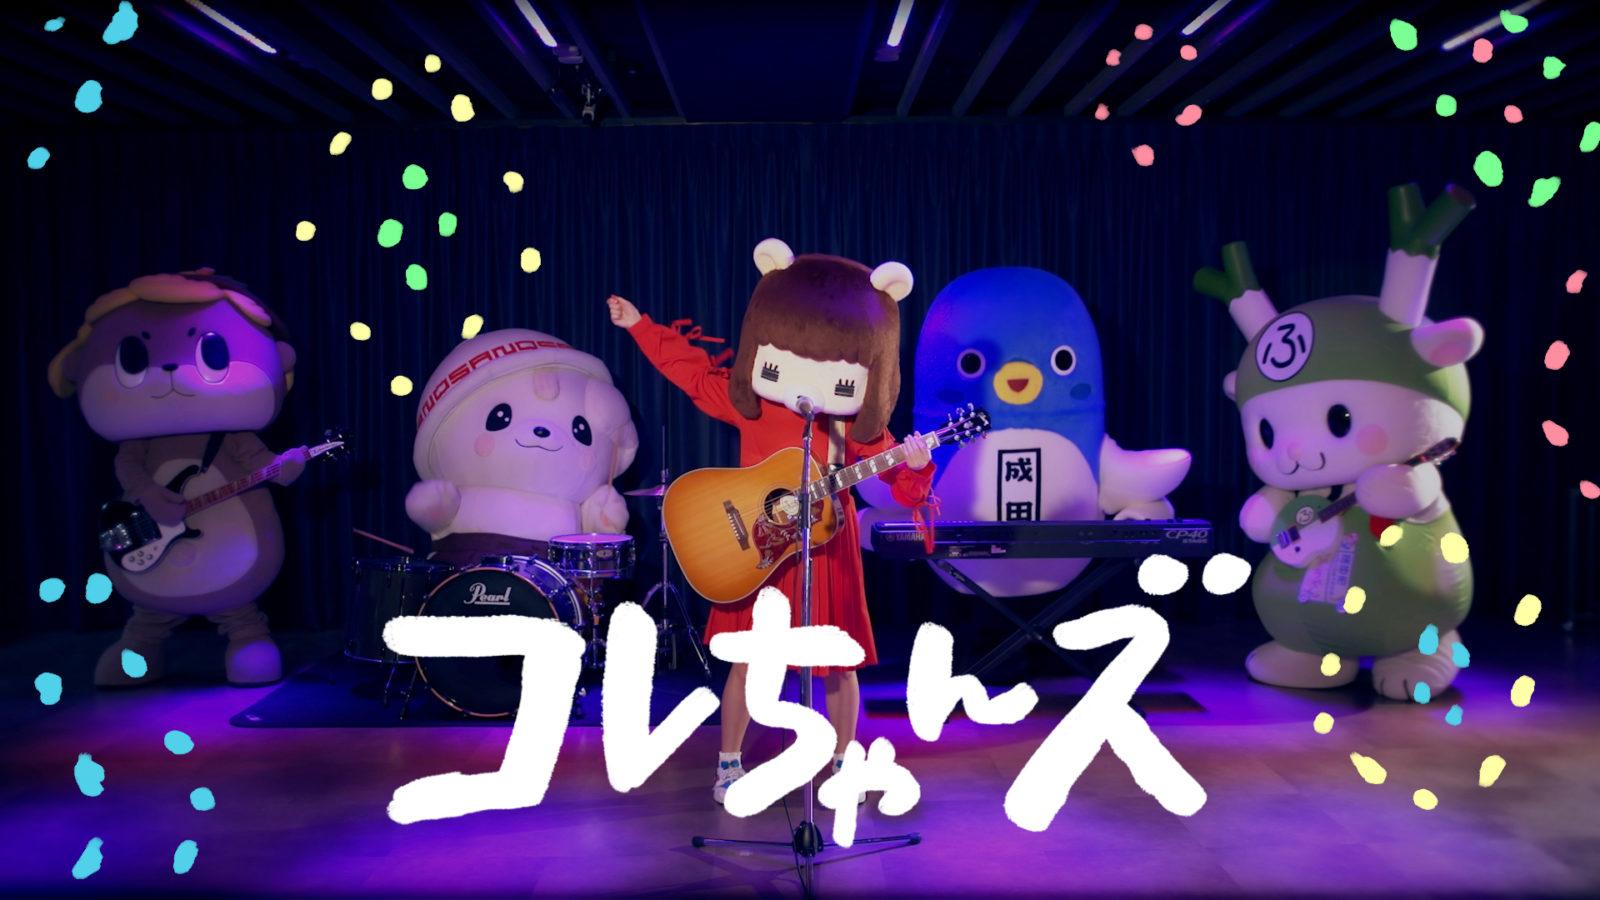 コレサワ、ゆるキャラ達と結成したバンド初MV「死ぬこと以外かすり傷」を公開サムネイル画像